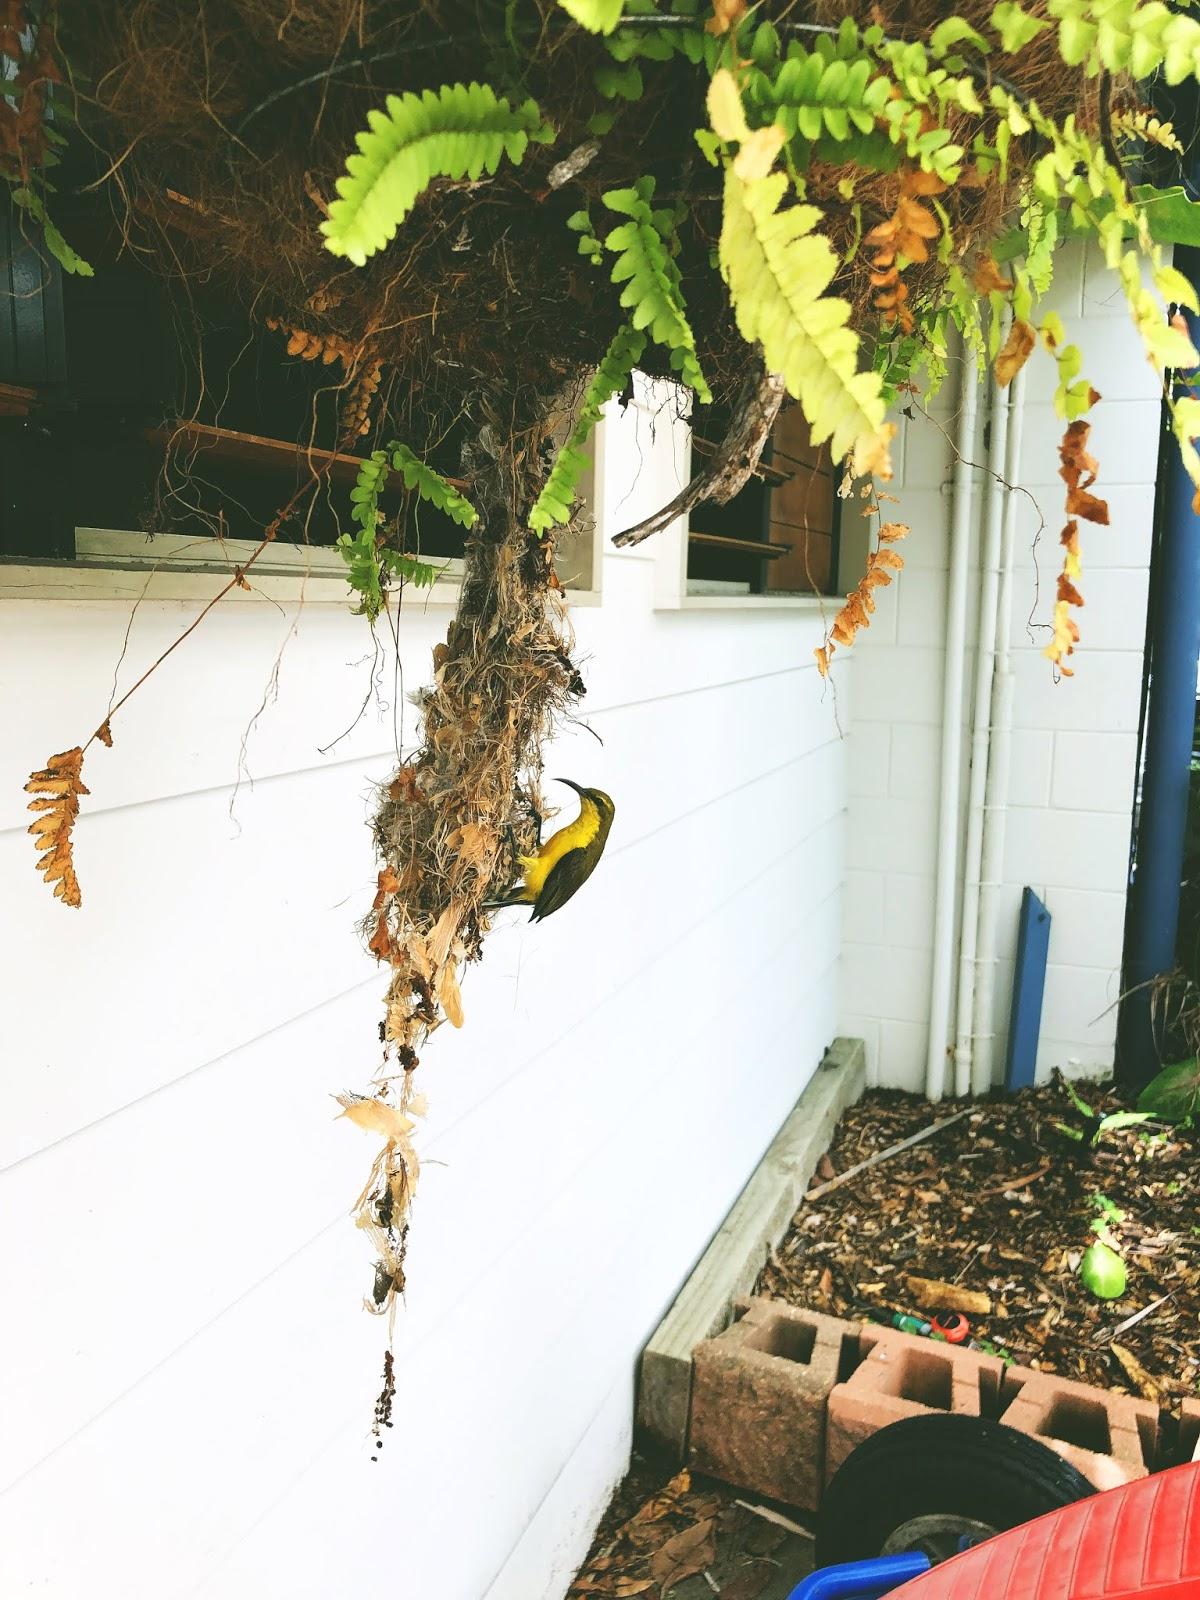 Ptak siedzący na swoim wiszącym gniazdku na terenie kempingu w Cardwell.